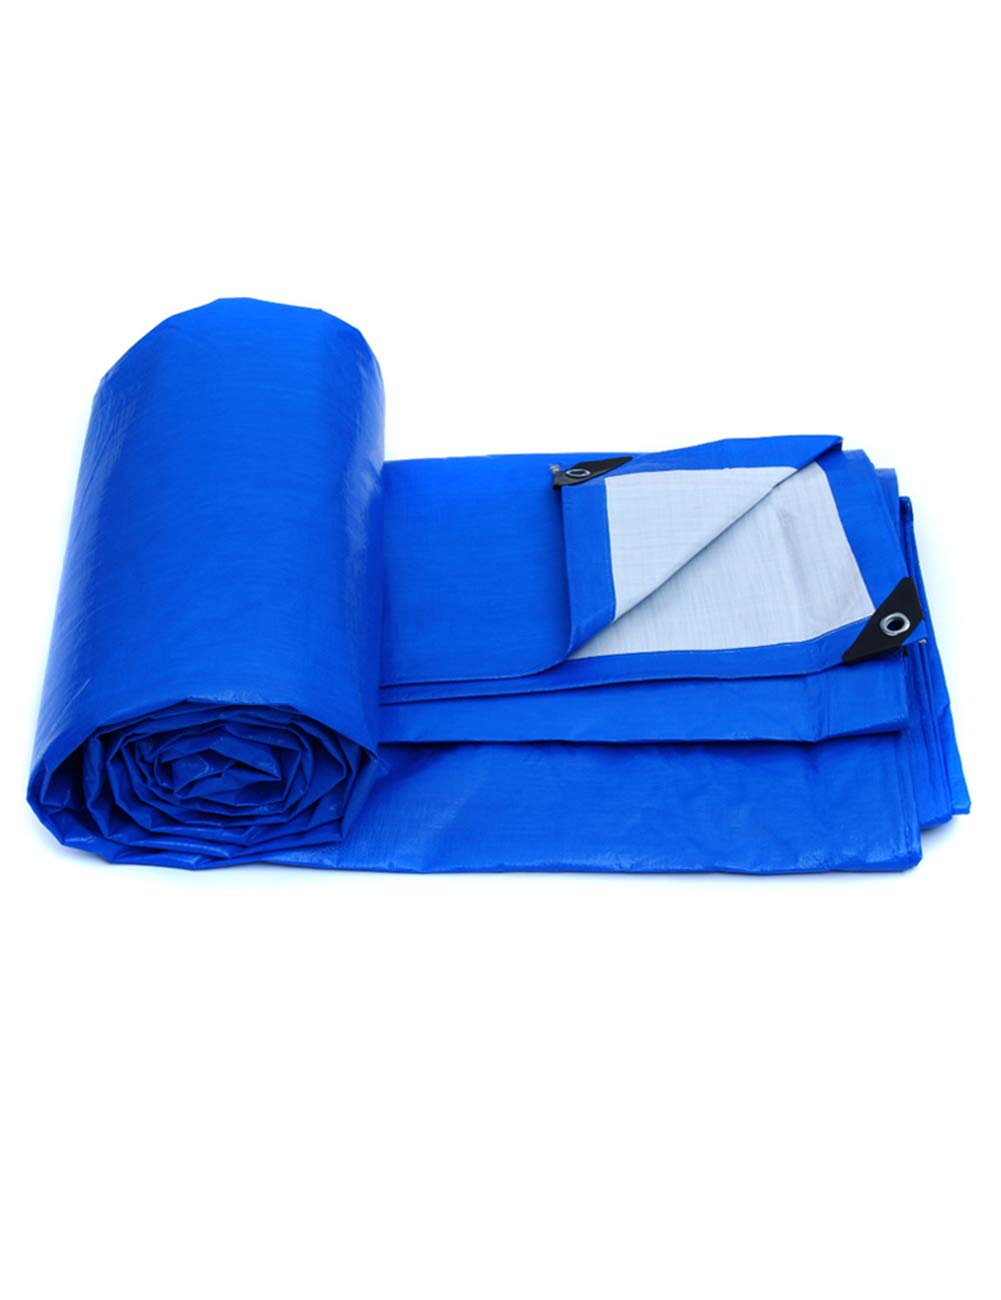 DLewiee Telo impermeabile leggero Tenda antipioggia antipioggia antipioggia per l'escursione in campeggio Easy Set Up Tenda poliestere Coloreee blu Taglie disponibili (Dimensione   12m10m) B07HGPGWX8 12m10m | Della Qualità  | Qualità Affidabile  | Queensland  | una vasta gamm 4ce8ba